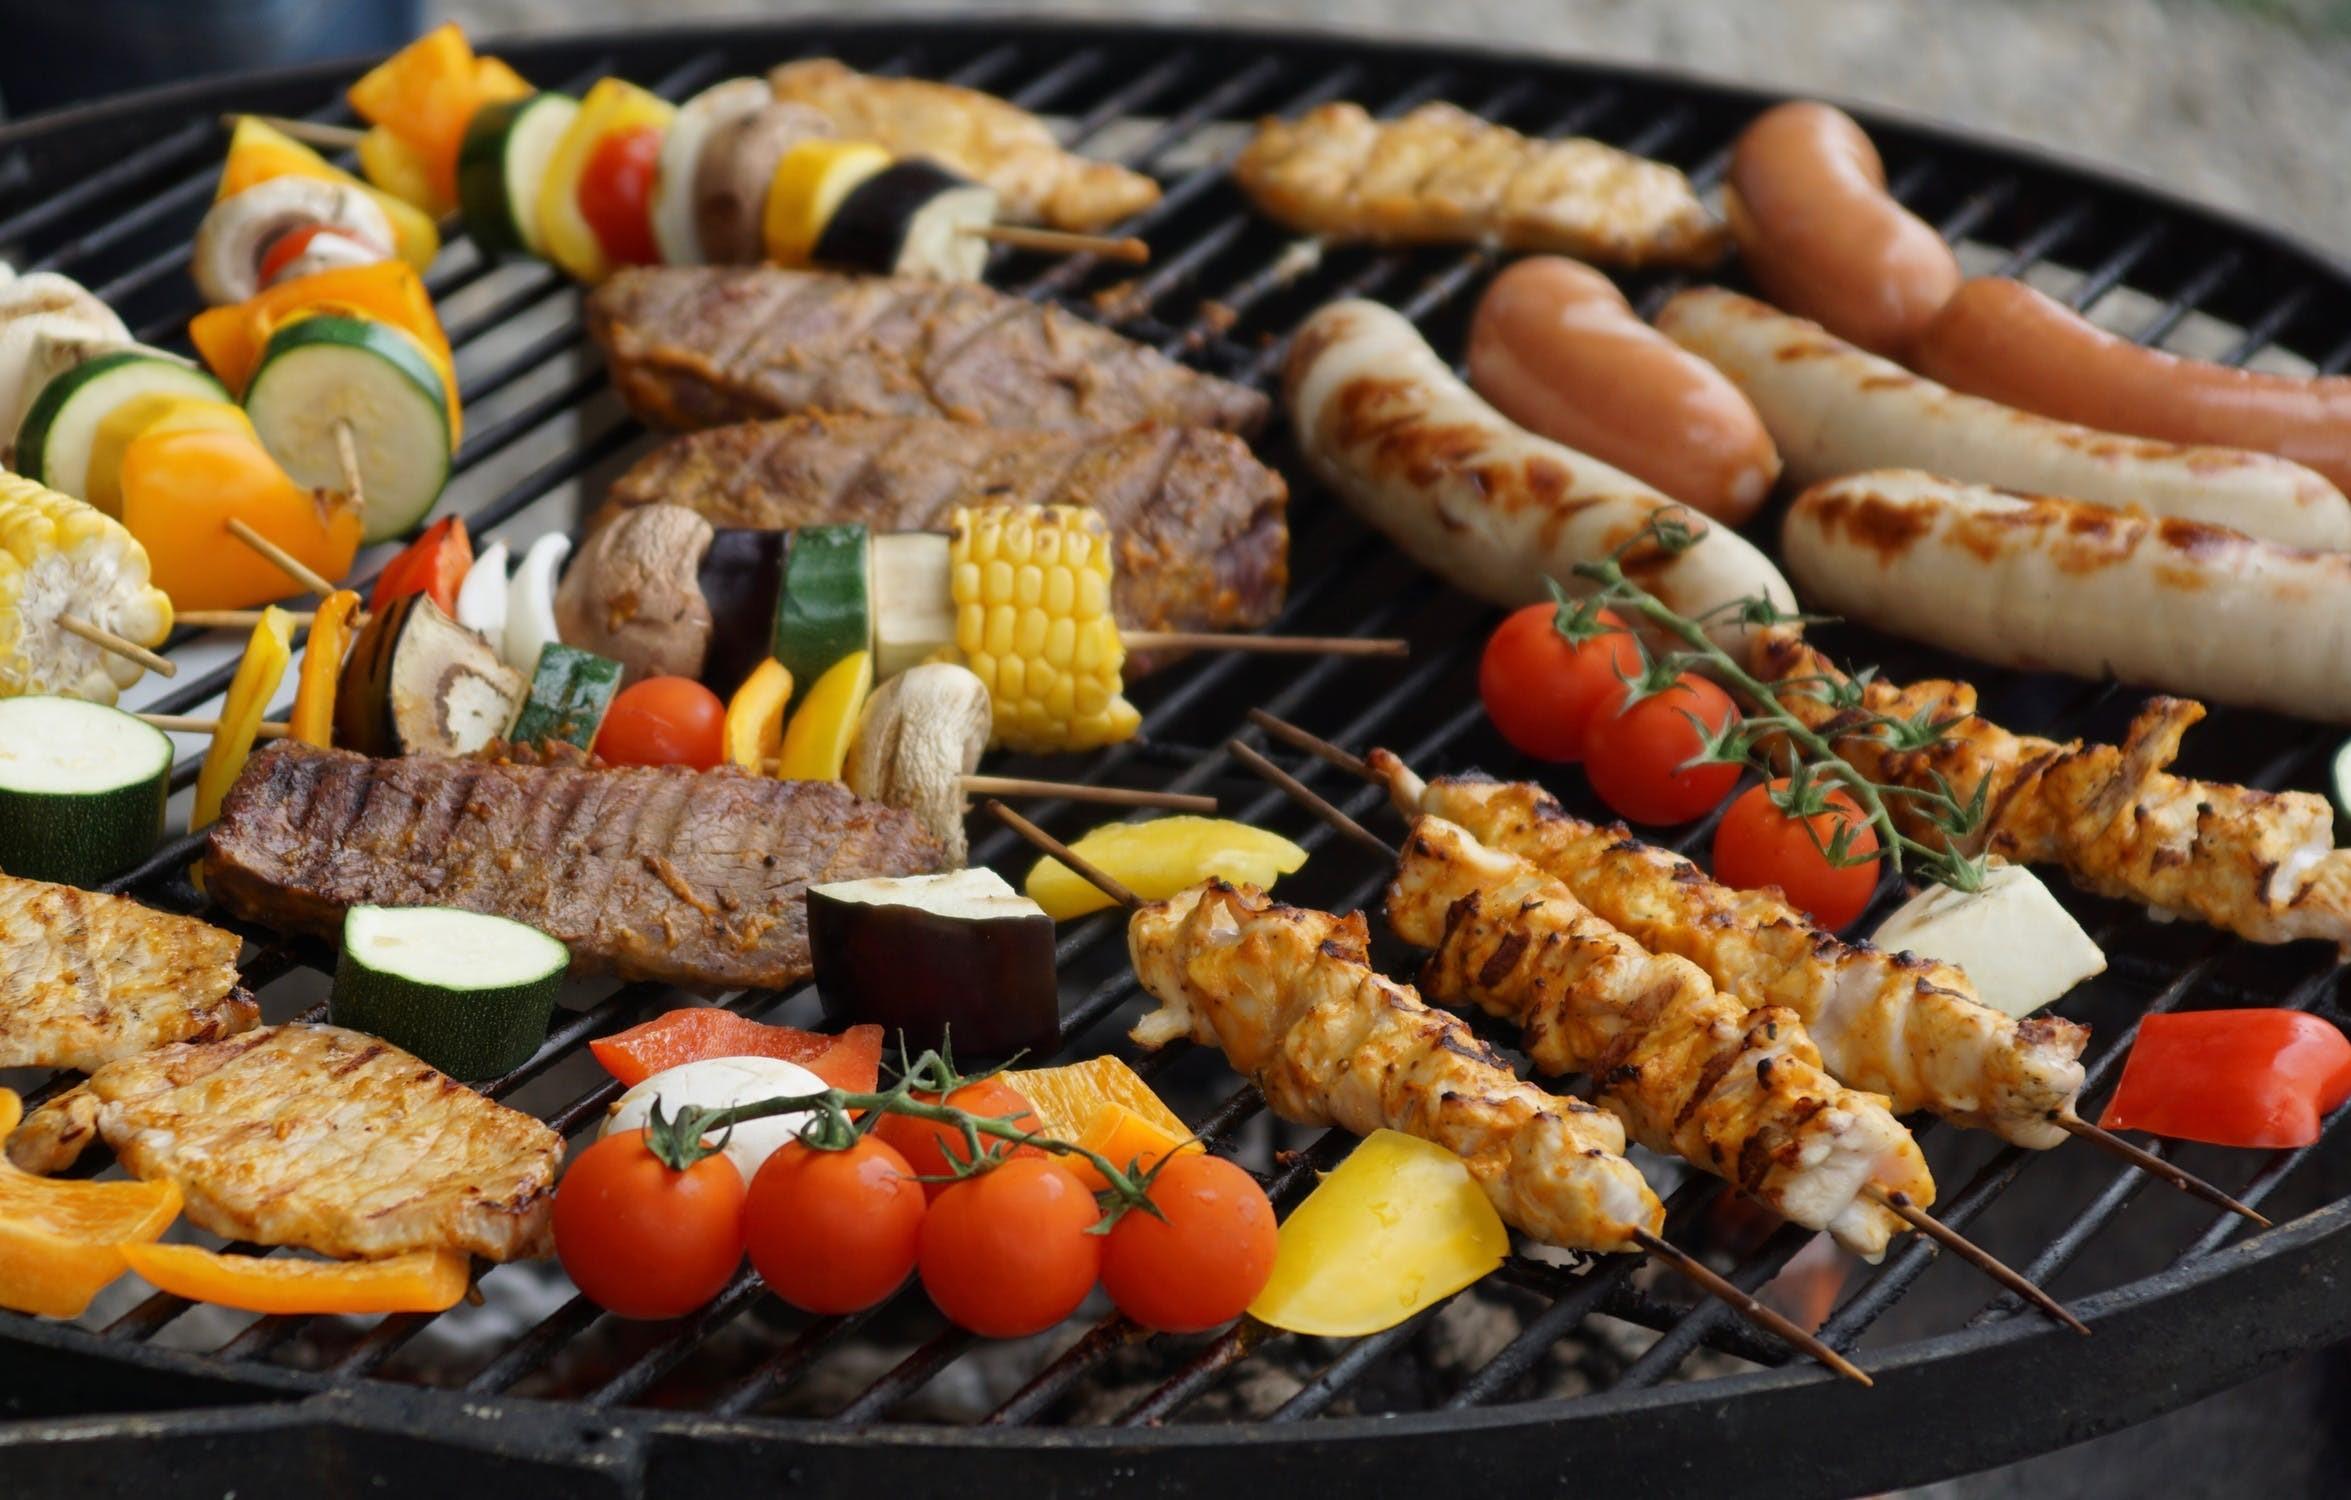 groente op de barbecue